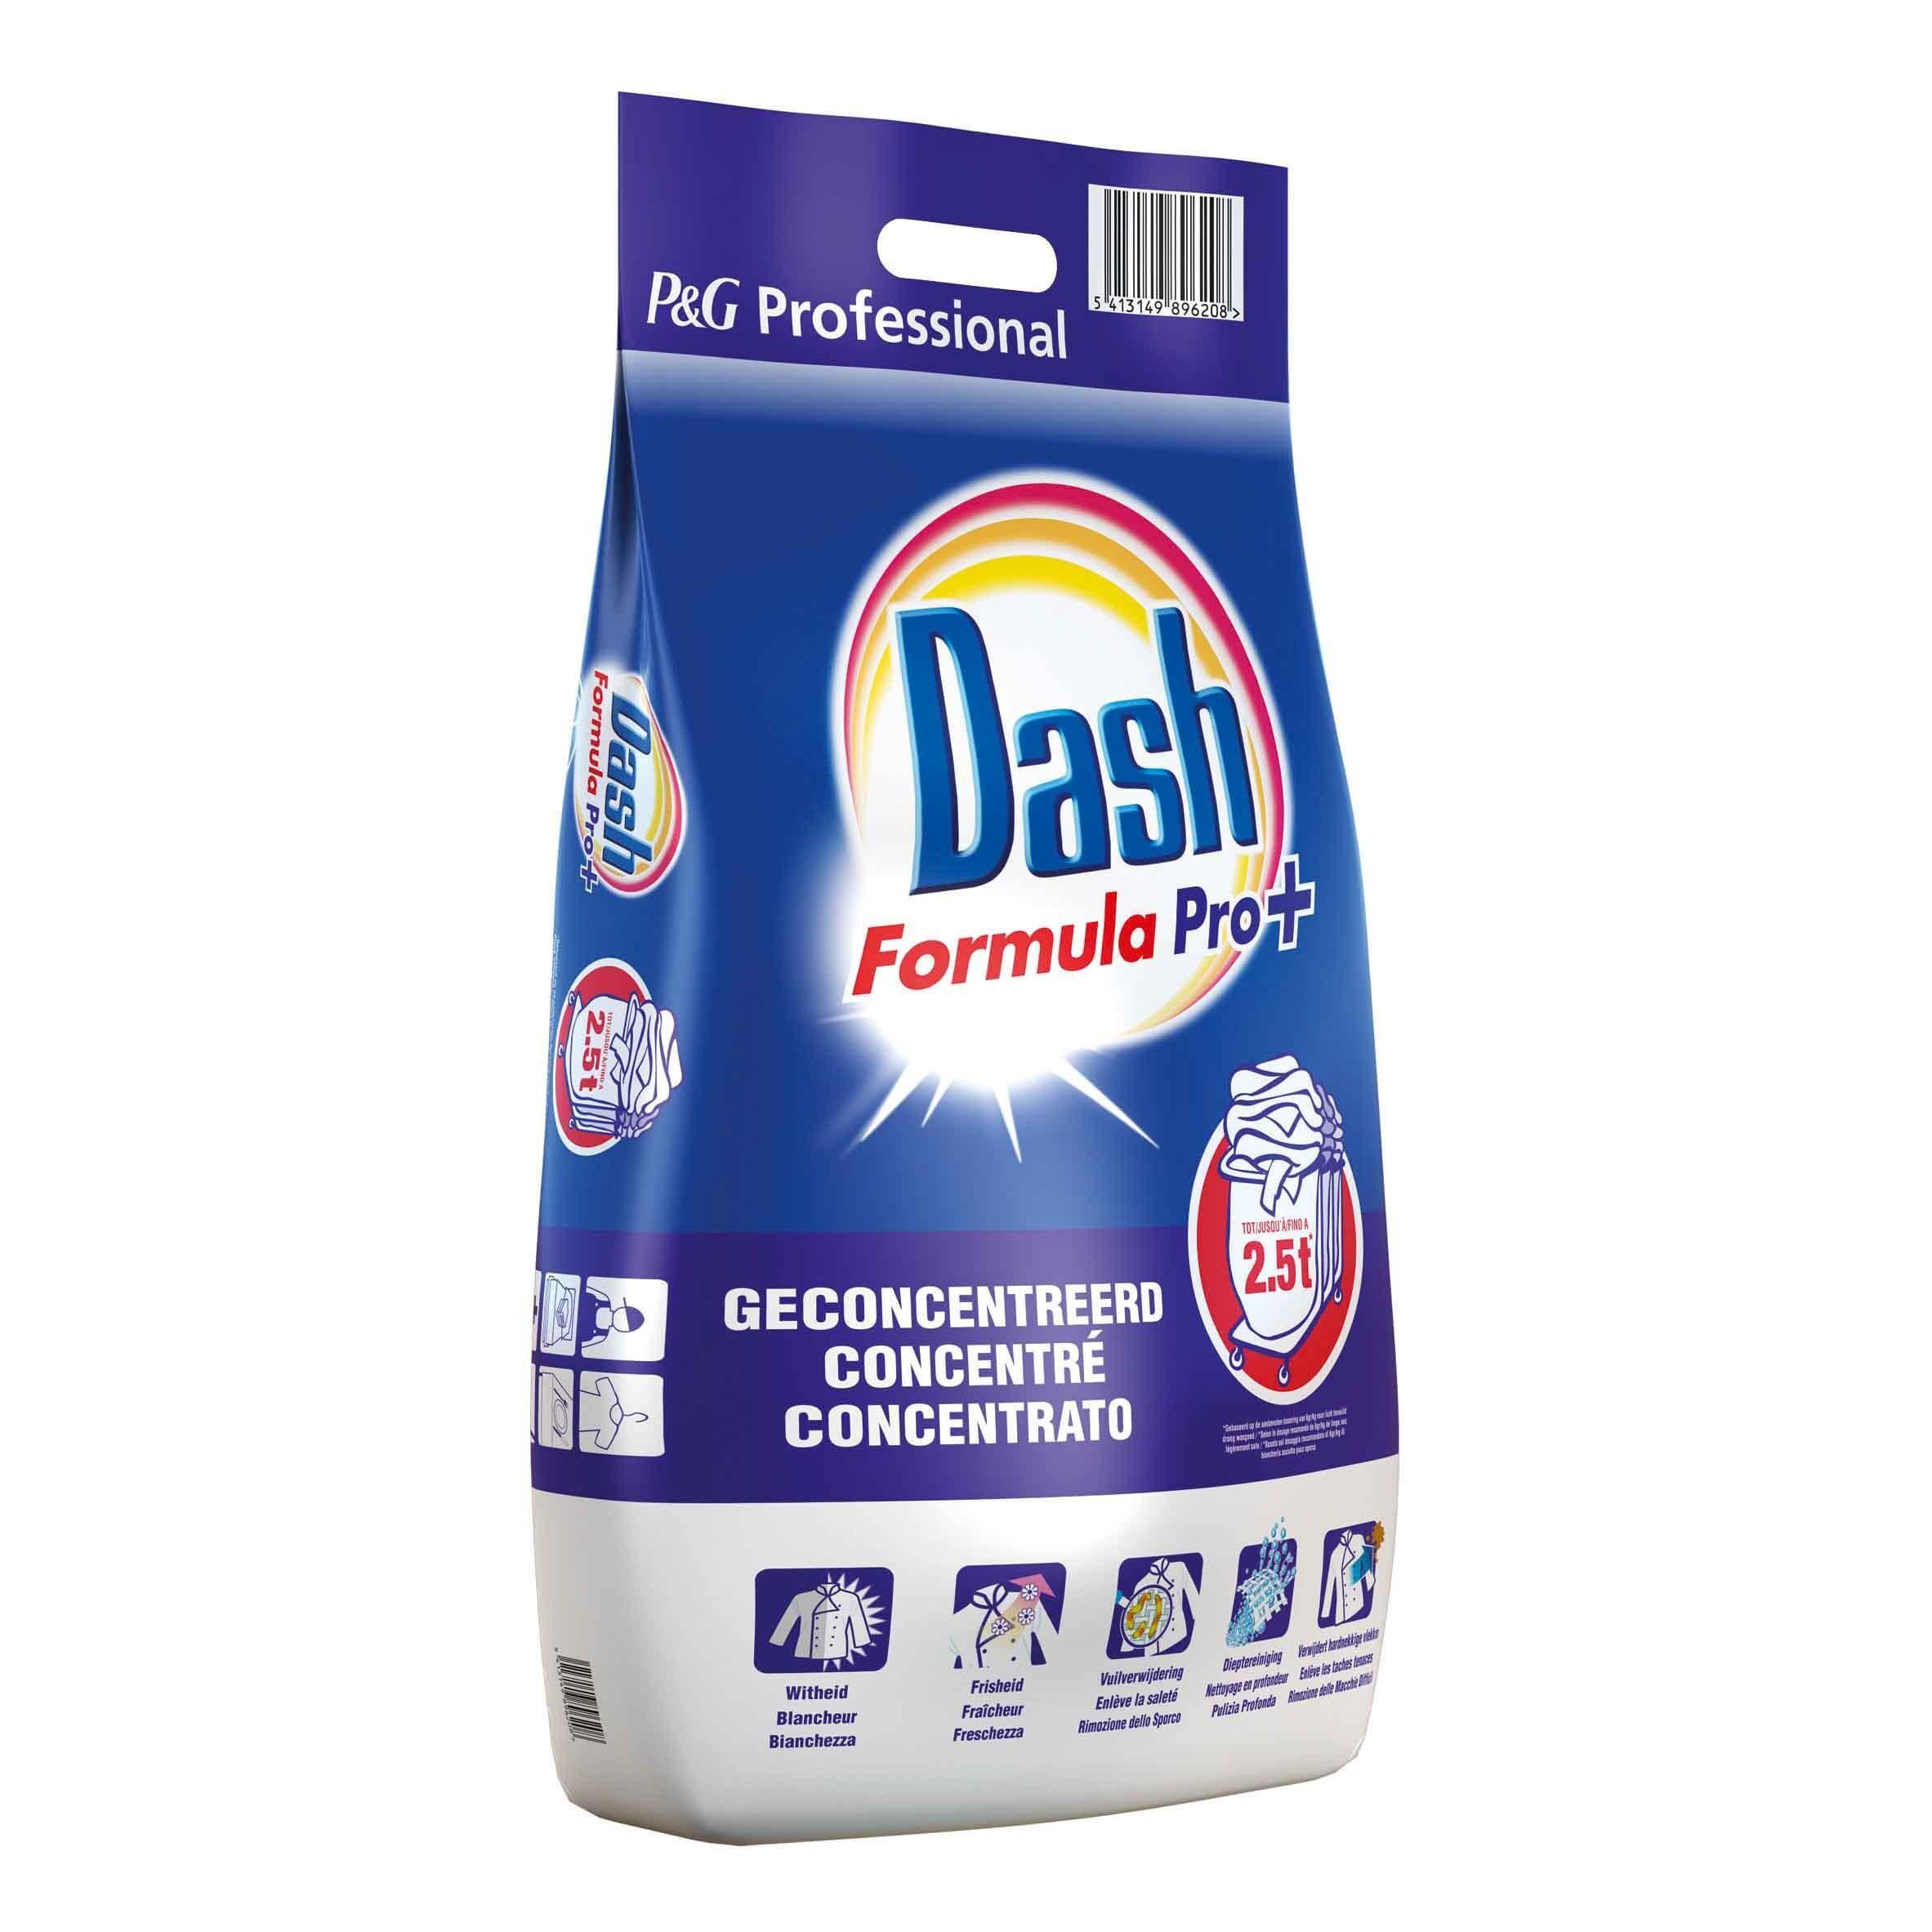 Dash formula pro+ 15kg waspoeder 150dos professional